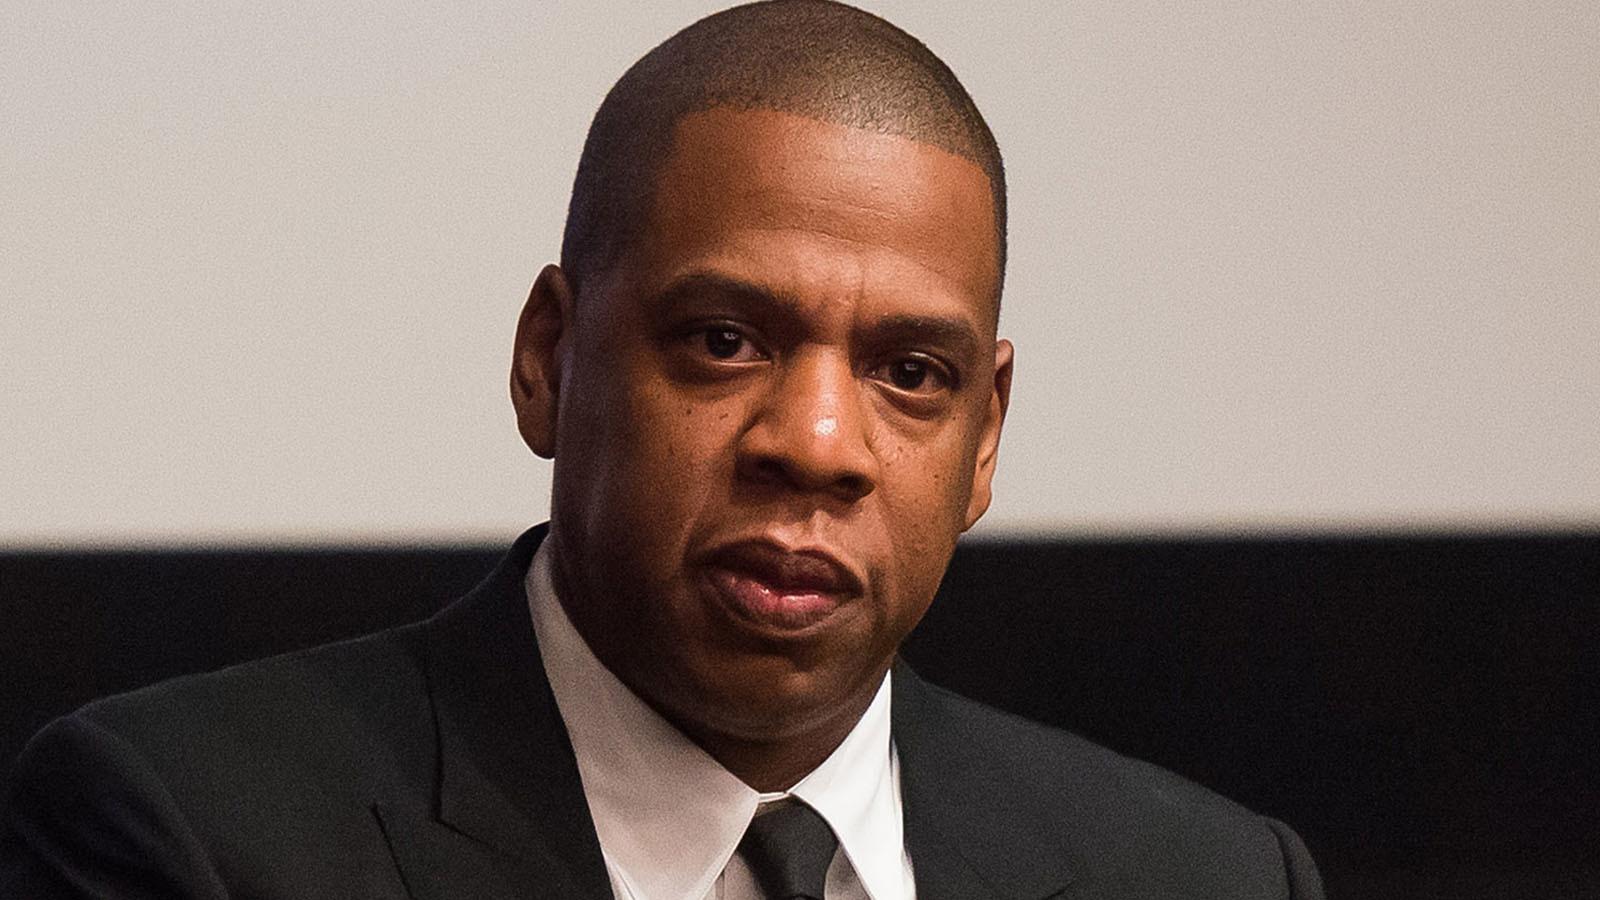 photo de Jay-Z qui devient le premier milliardaire issu du monde du rap